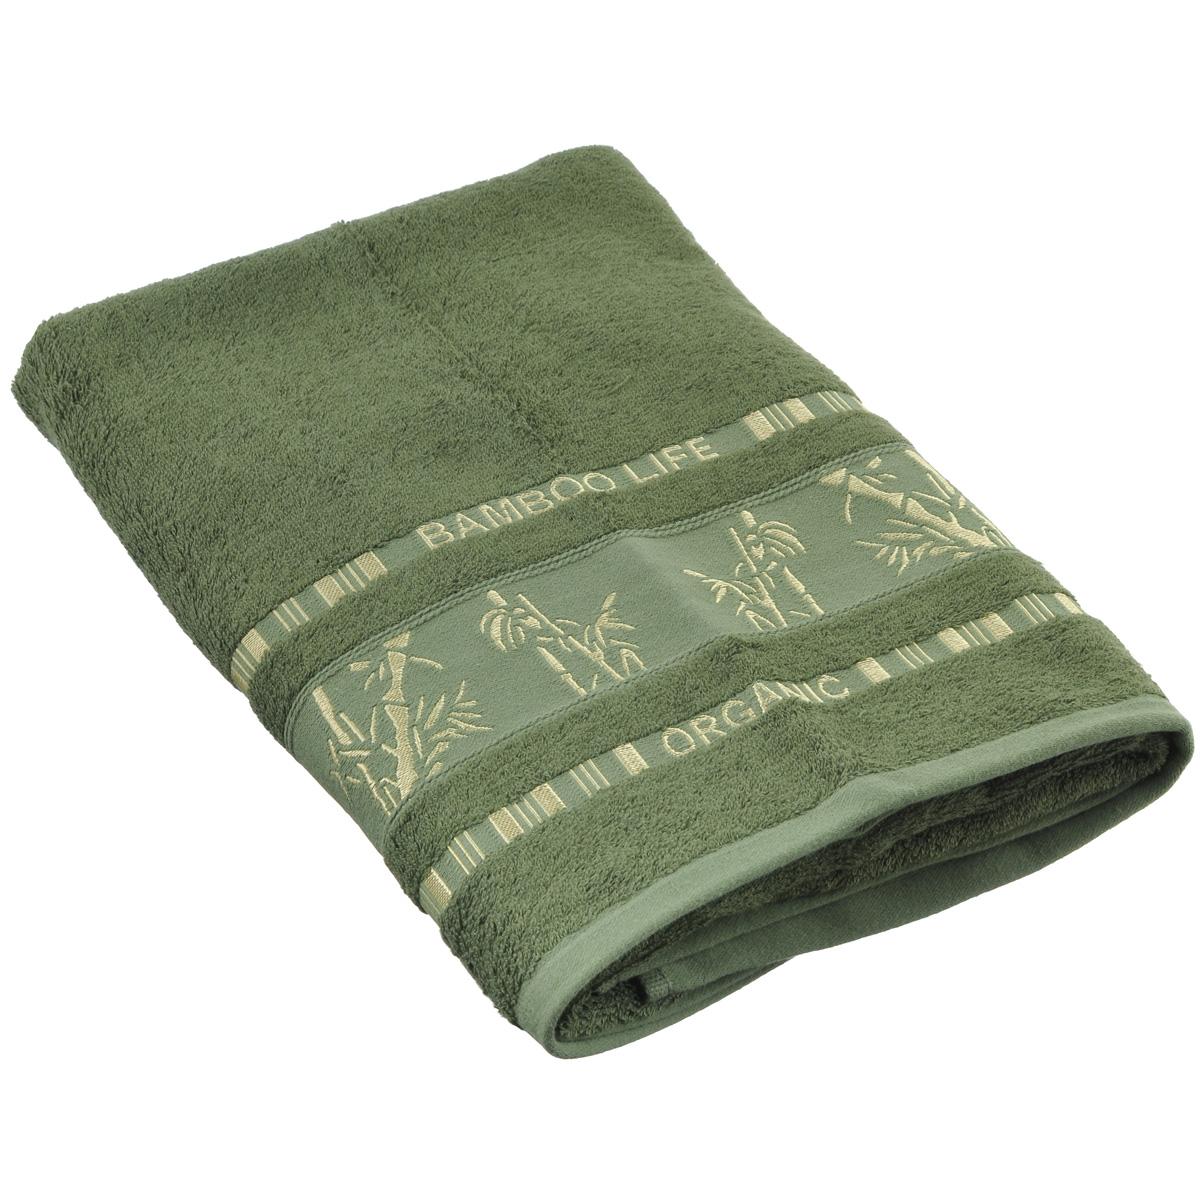 Полотенце Mariposa Bamboo, цвет: темно-зеленый, 70 см х 140 см50822Полотенце Mariposa Bamboo, изготовленное из 60% бамбука и 40% хлопка, подарит массу положительных эмоций и приятных ощущений. Полотенца из бамбука только издали похожи на обычные. На самом деле, при первом же прикосновении вы ощутите невероятную мягкость и шелковистость. Таким полотенцем не нужно вытираться - только коснитесь кожи - и ткань сама все впитает! Несмотря на богатую плотность и высокую петлю полотенца, оно быстро сохнет, остается легким даже при намокании. Полотенце оформлено изображением бамбука. Благородный тон создает уют и подчеркивает лучшие качества махровой ткани. Полотенце Mariposa Bamboo станет достойным выбором для вас и приятным подарком для ваших близких. Размер полотенца: 70 см х 140 см.